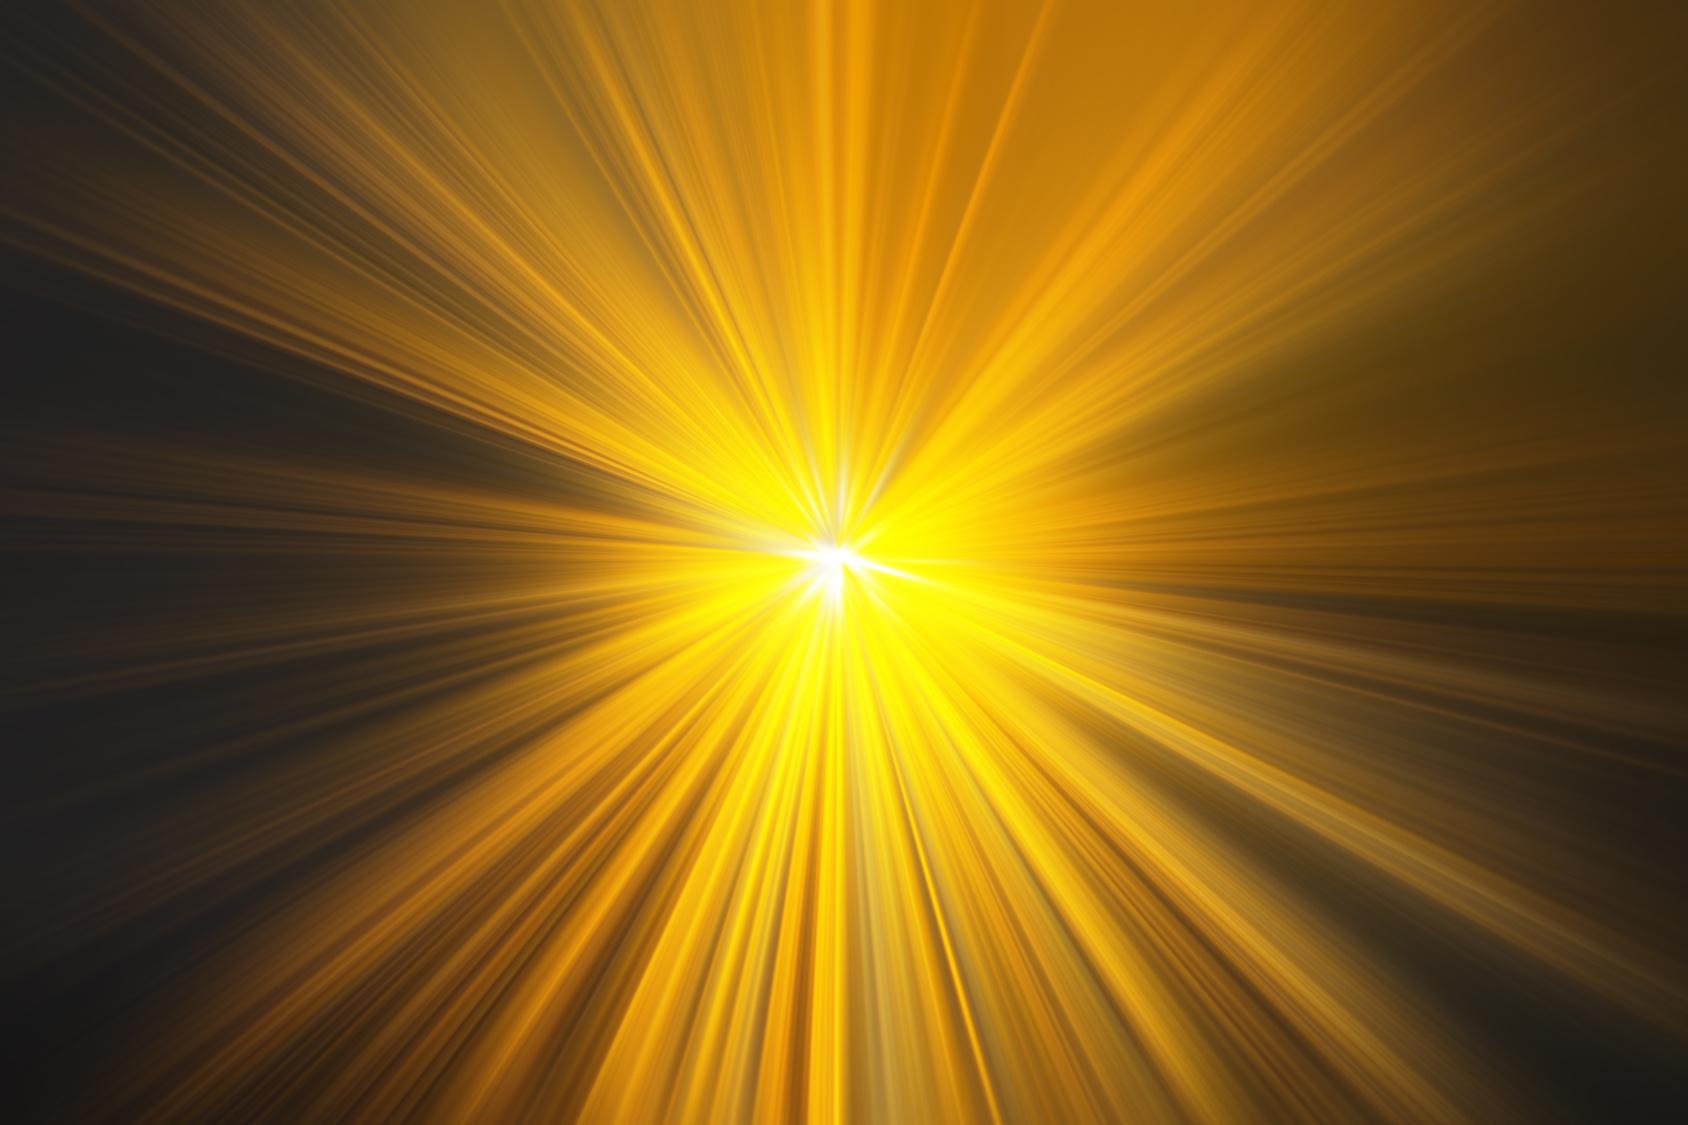 Esplosione di luce gialla